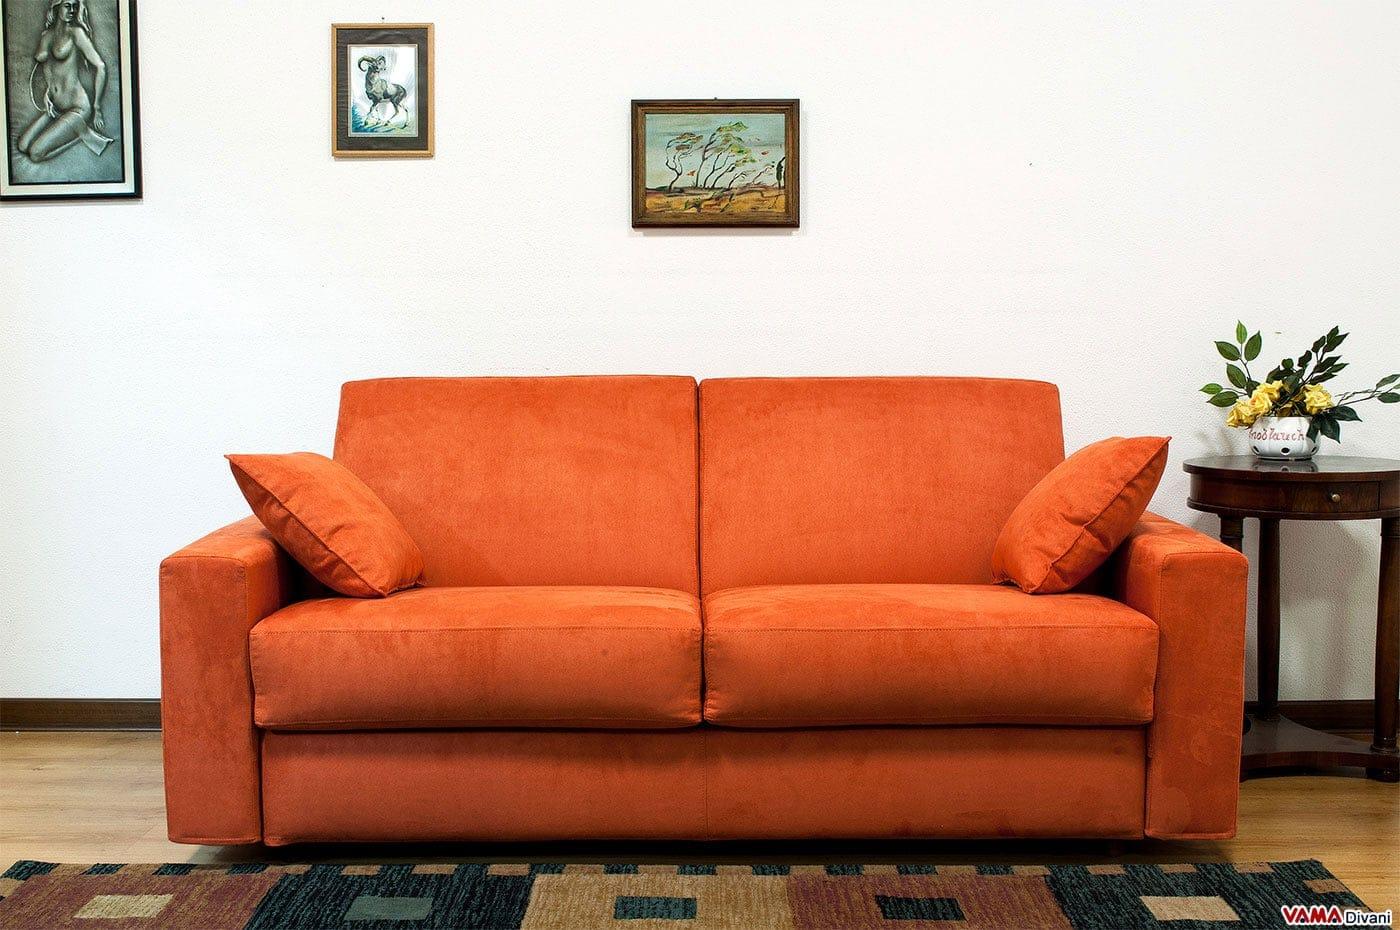 Divano arancione pelle design casa creativa e mobili ispiratori - Divano arancione ...